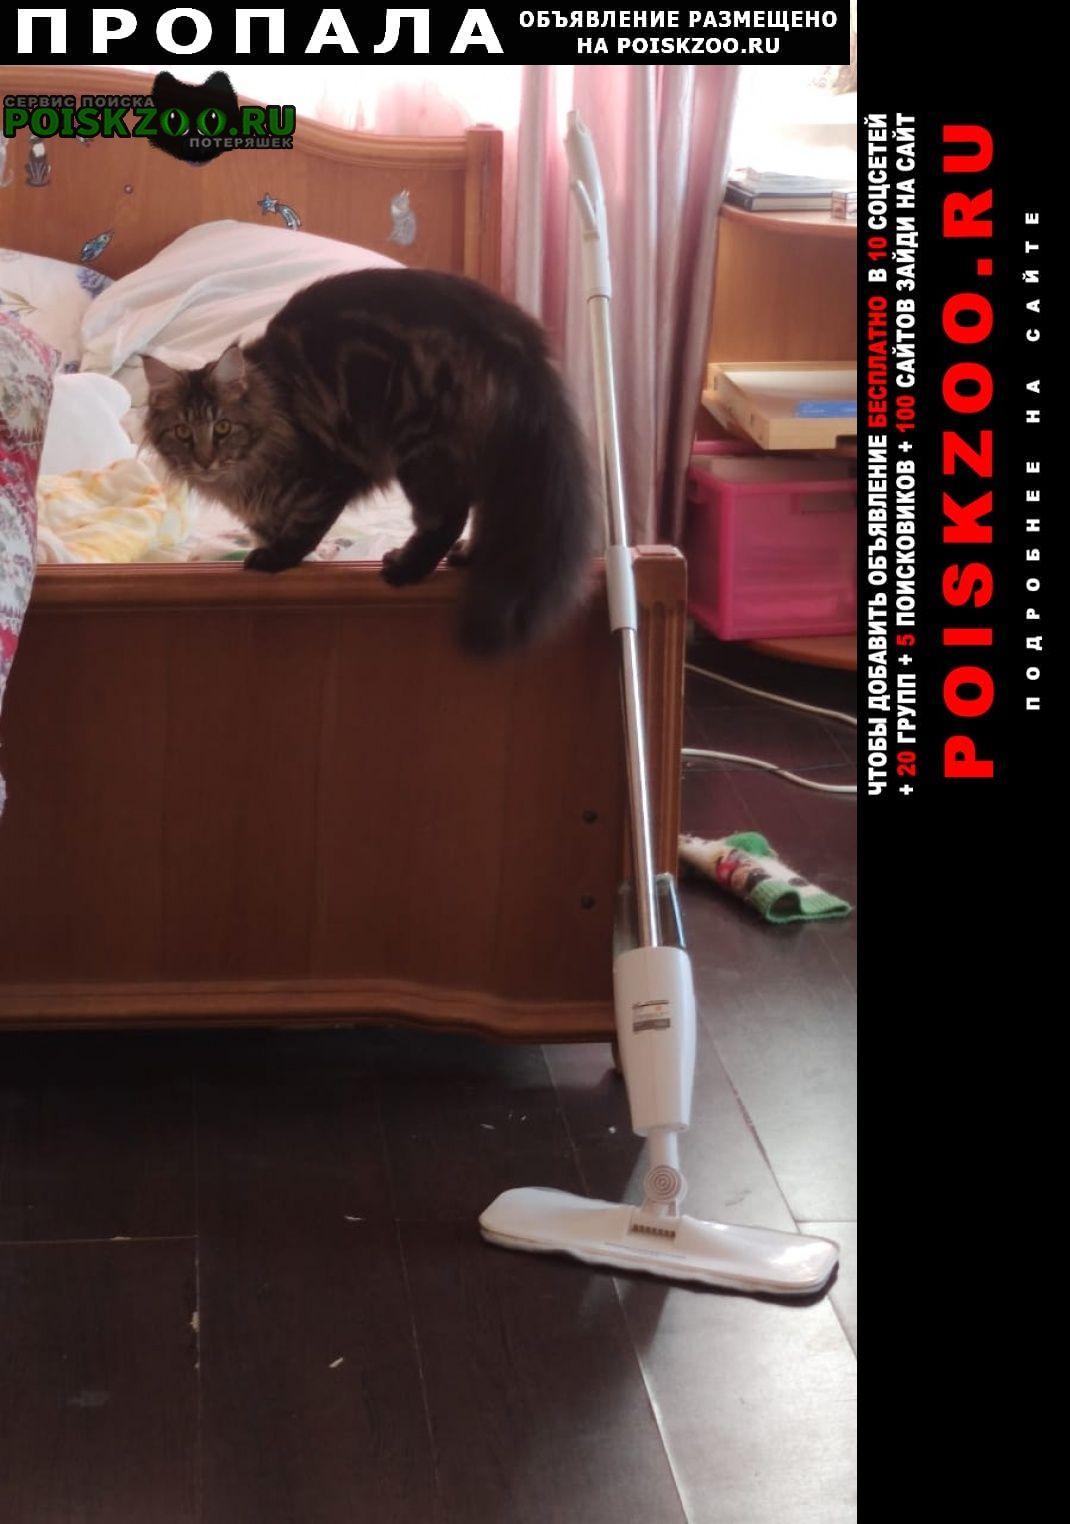 Ростов-на-Дону Пропала кошка